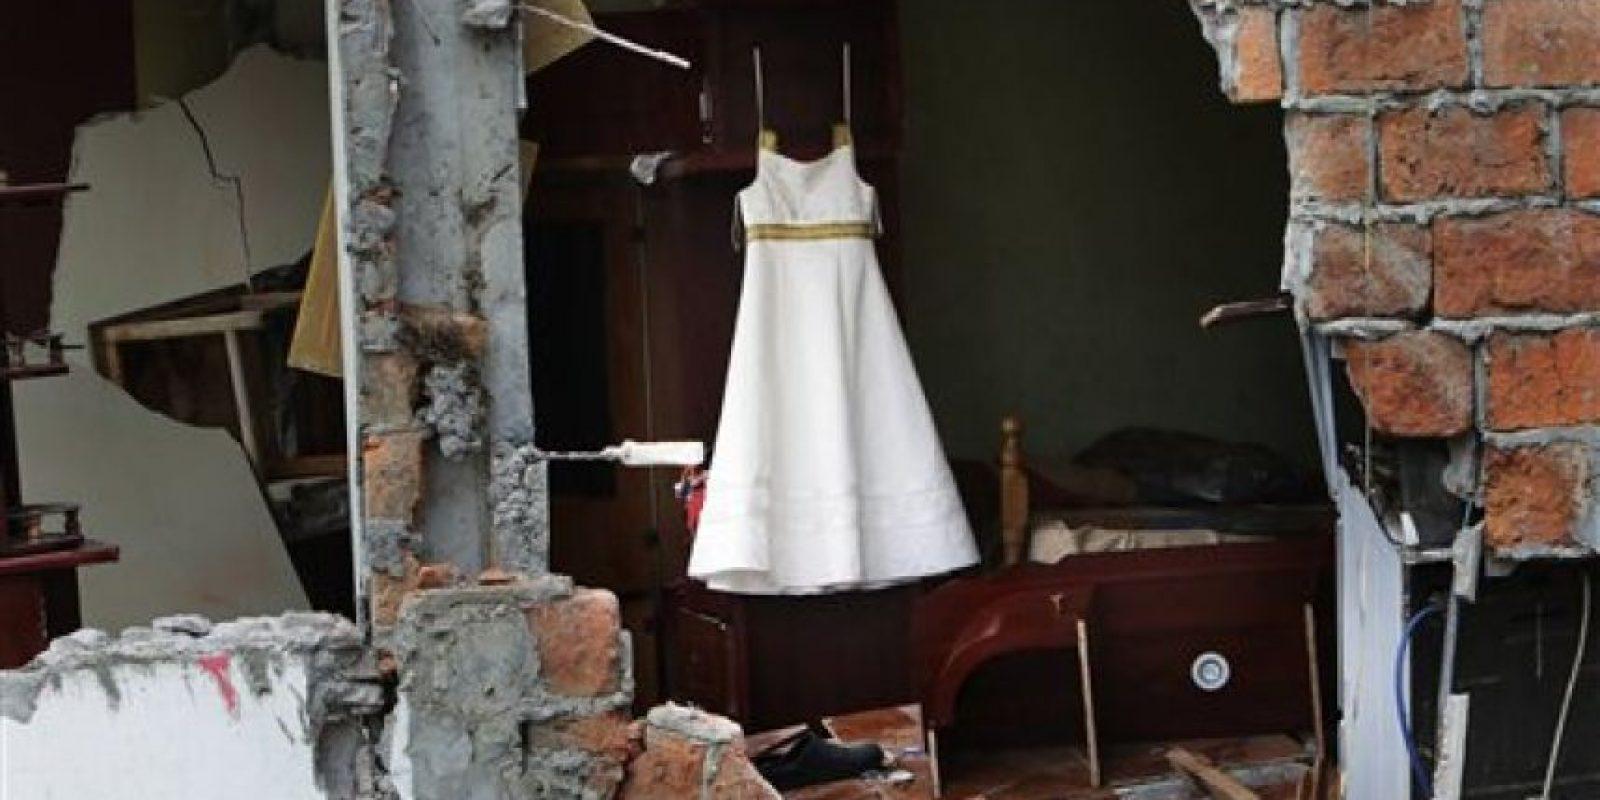 En esta imagen, tomada el 17 de abril de 2016, un elegante vestido blanco cuelga en un armario en una vivienda destruida por un sismo de magnitud 7,8 en Pedernales, Ecuador. El terremoto del 16 de abril destruyó o dañó unas 1.500 viviendas y dejó a unas 23.500 personas sin hogar, según el gobierno Foto:AP